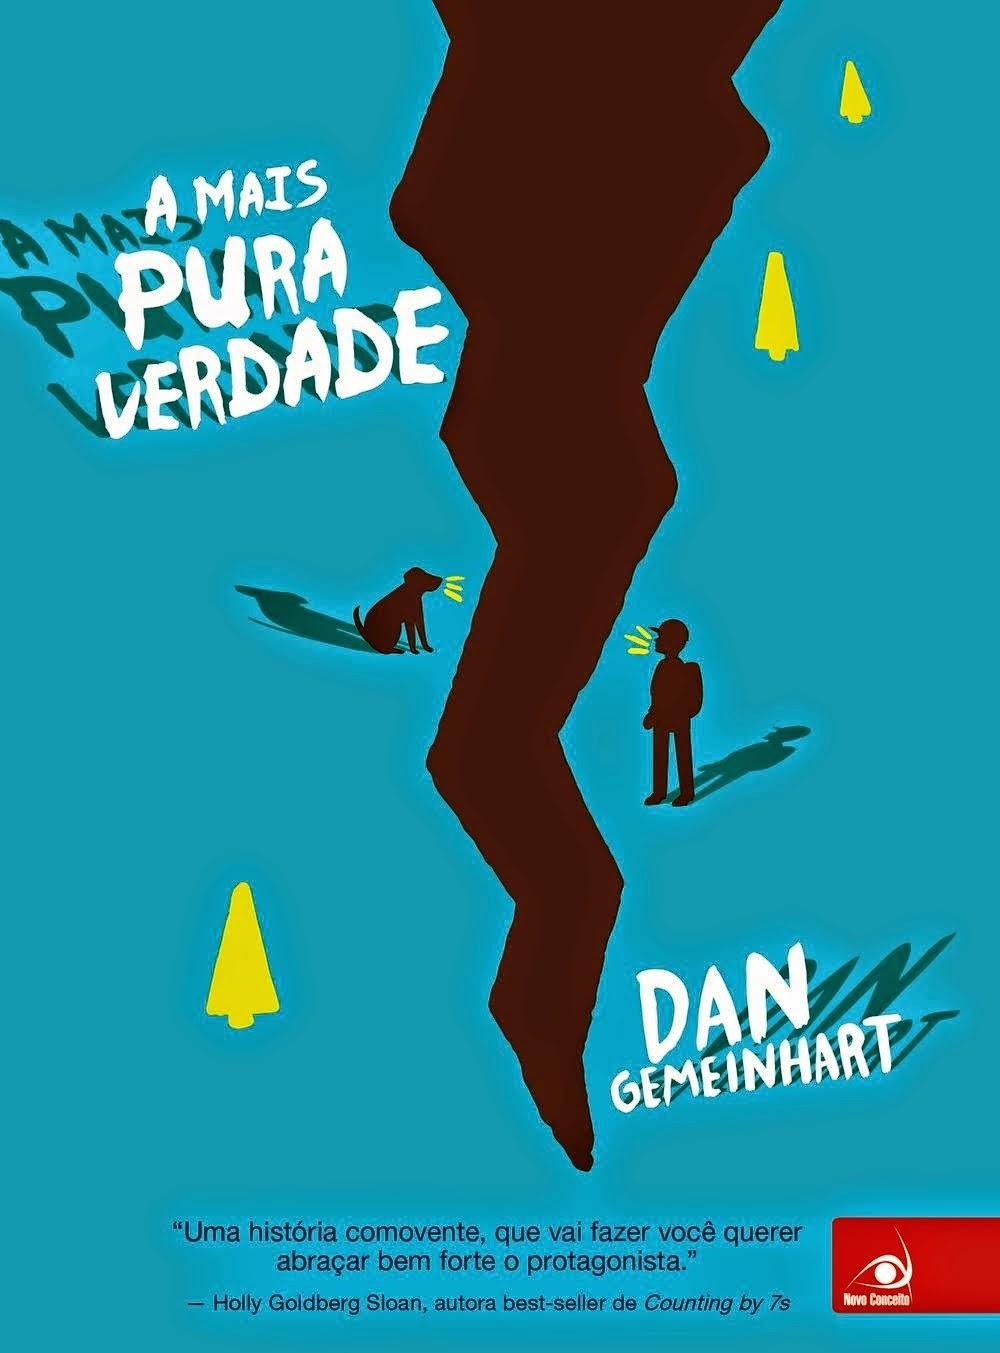 http://livrosvamosdevoralos.blogspot.com.br/2015/03/resenha-mais-pura-verdade.html